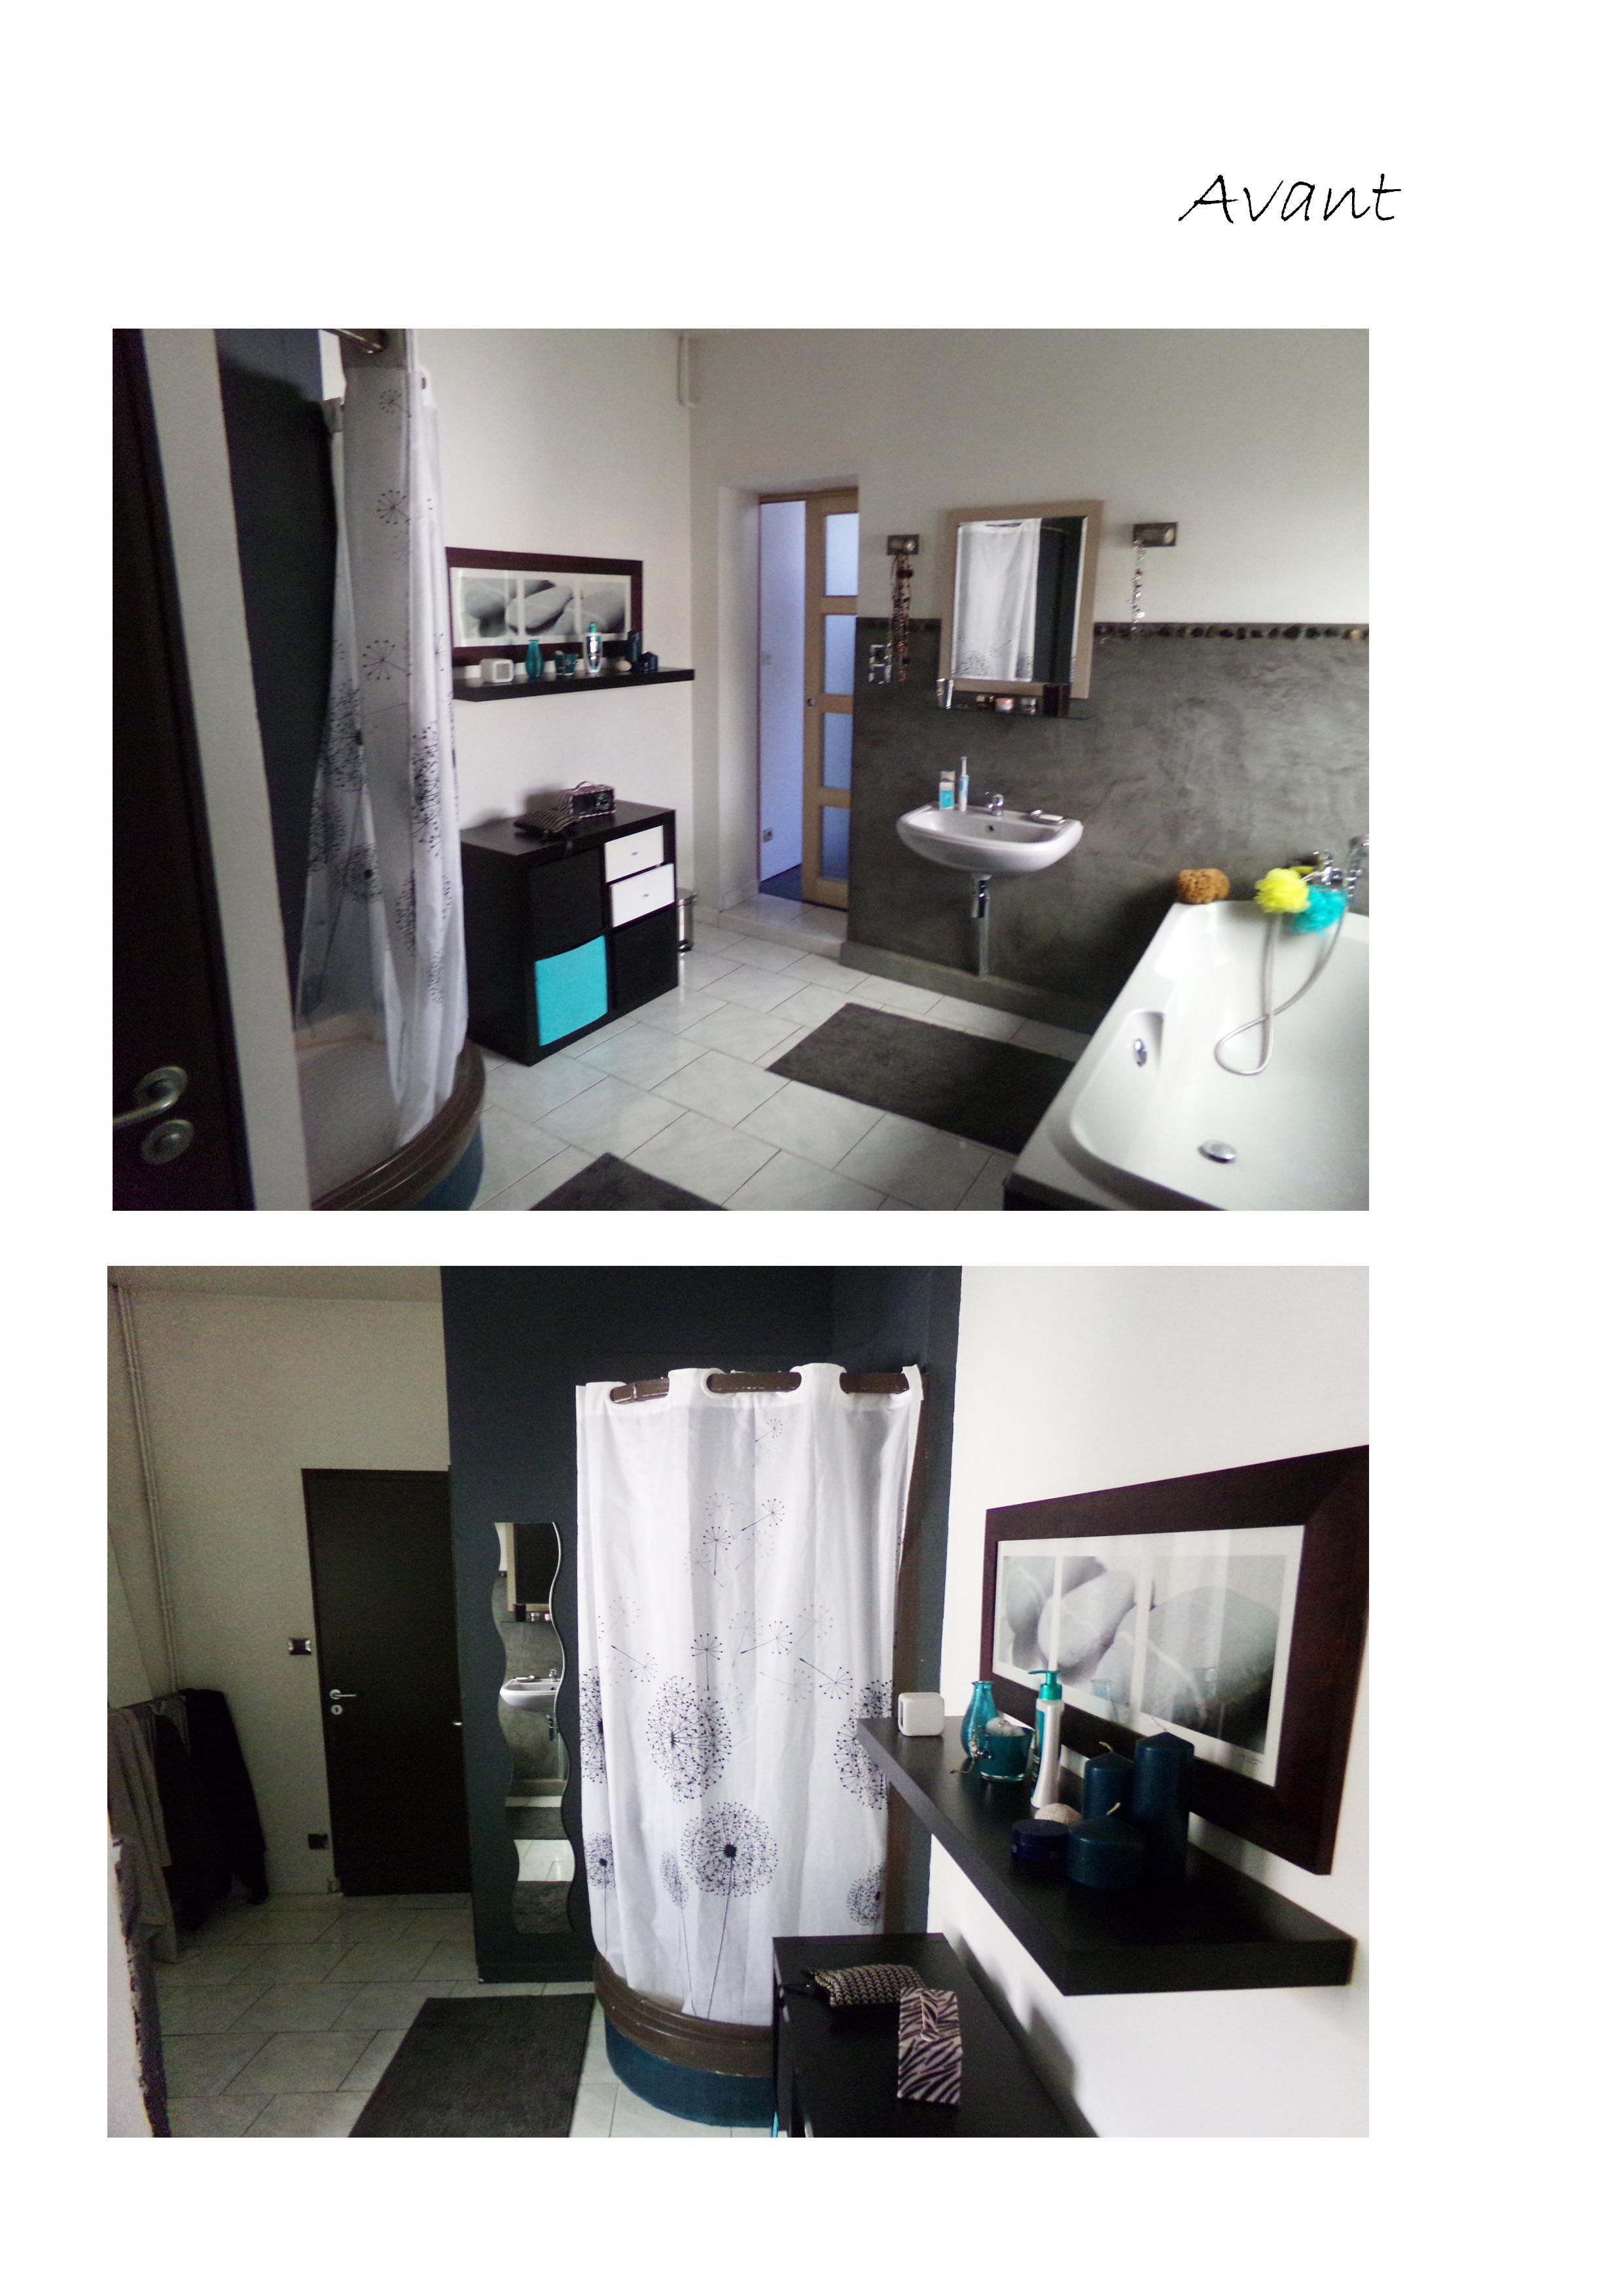 Salle de bain avant1.jpg